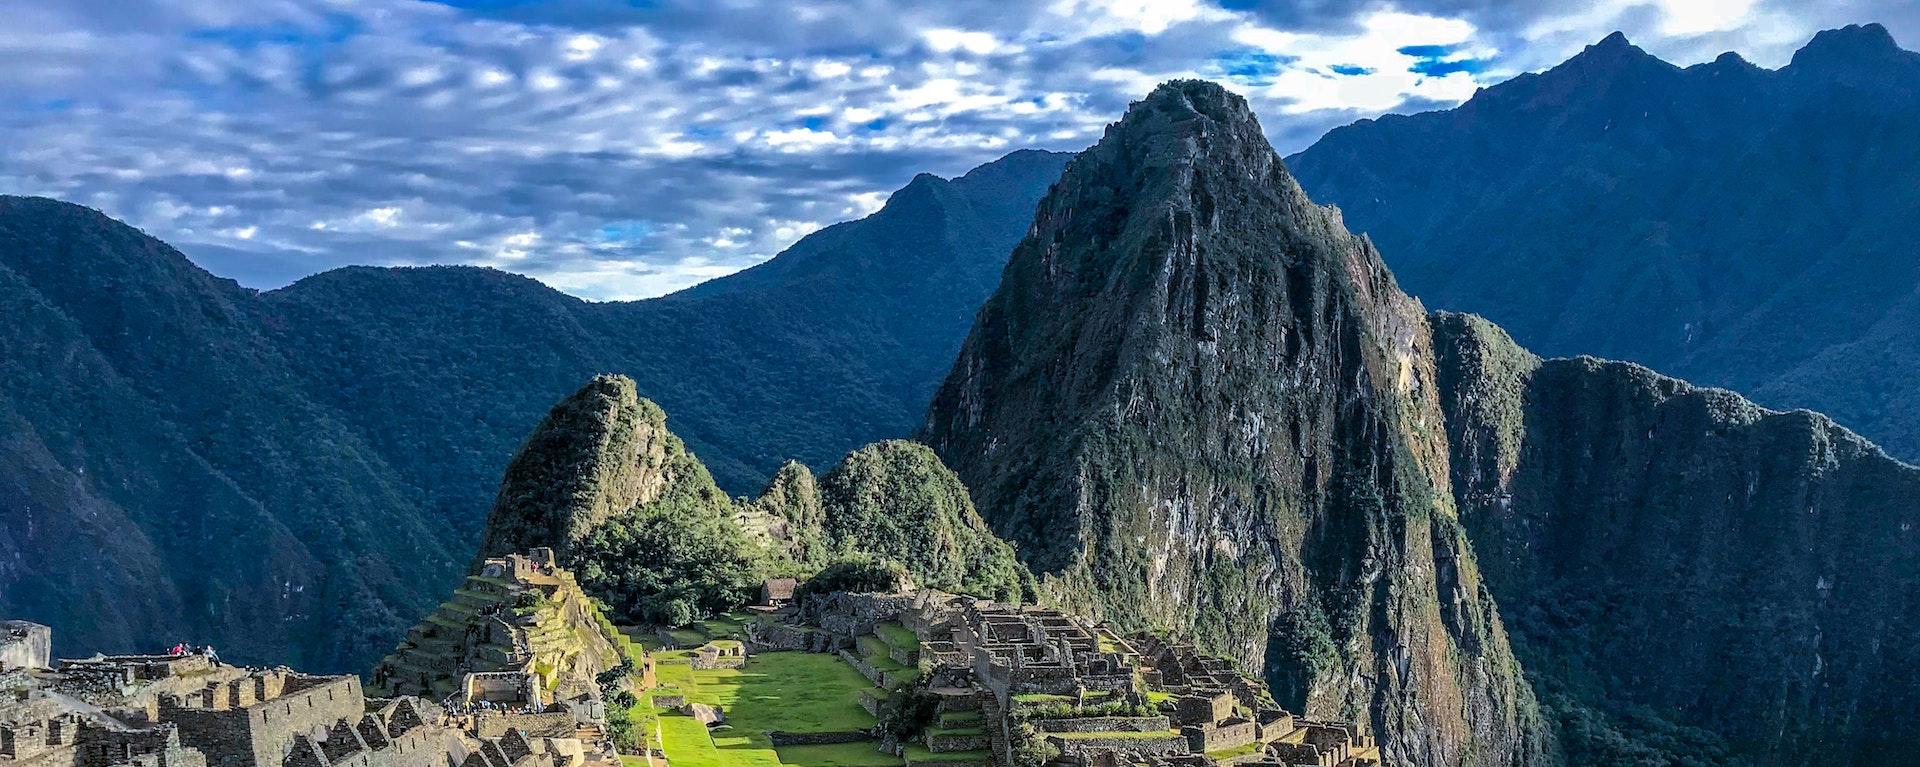 Paysage d'une vallée en Amérique du sud